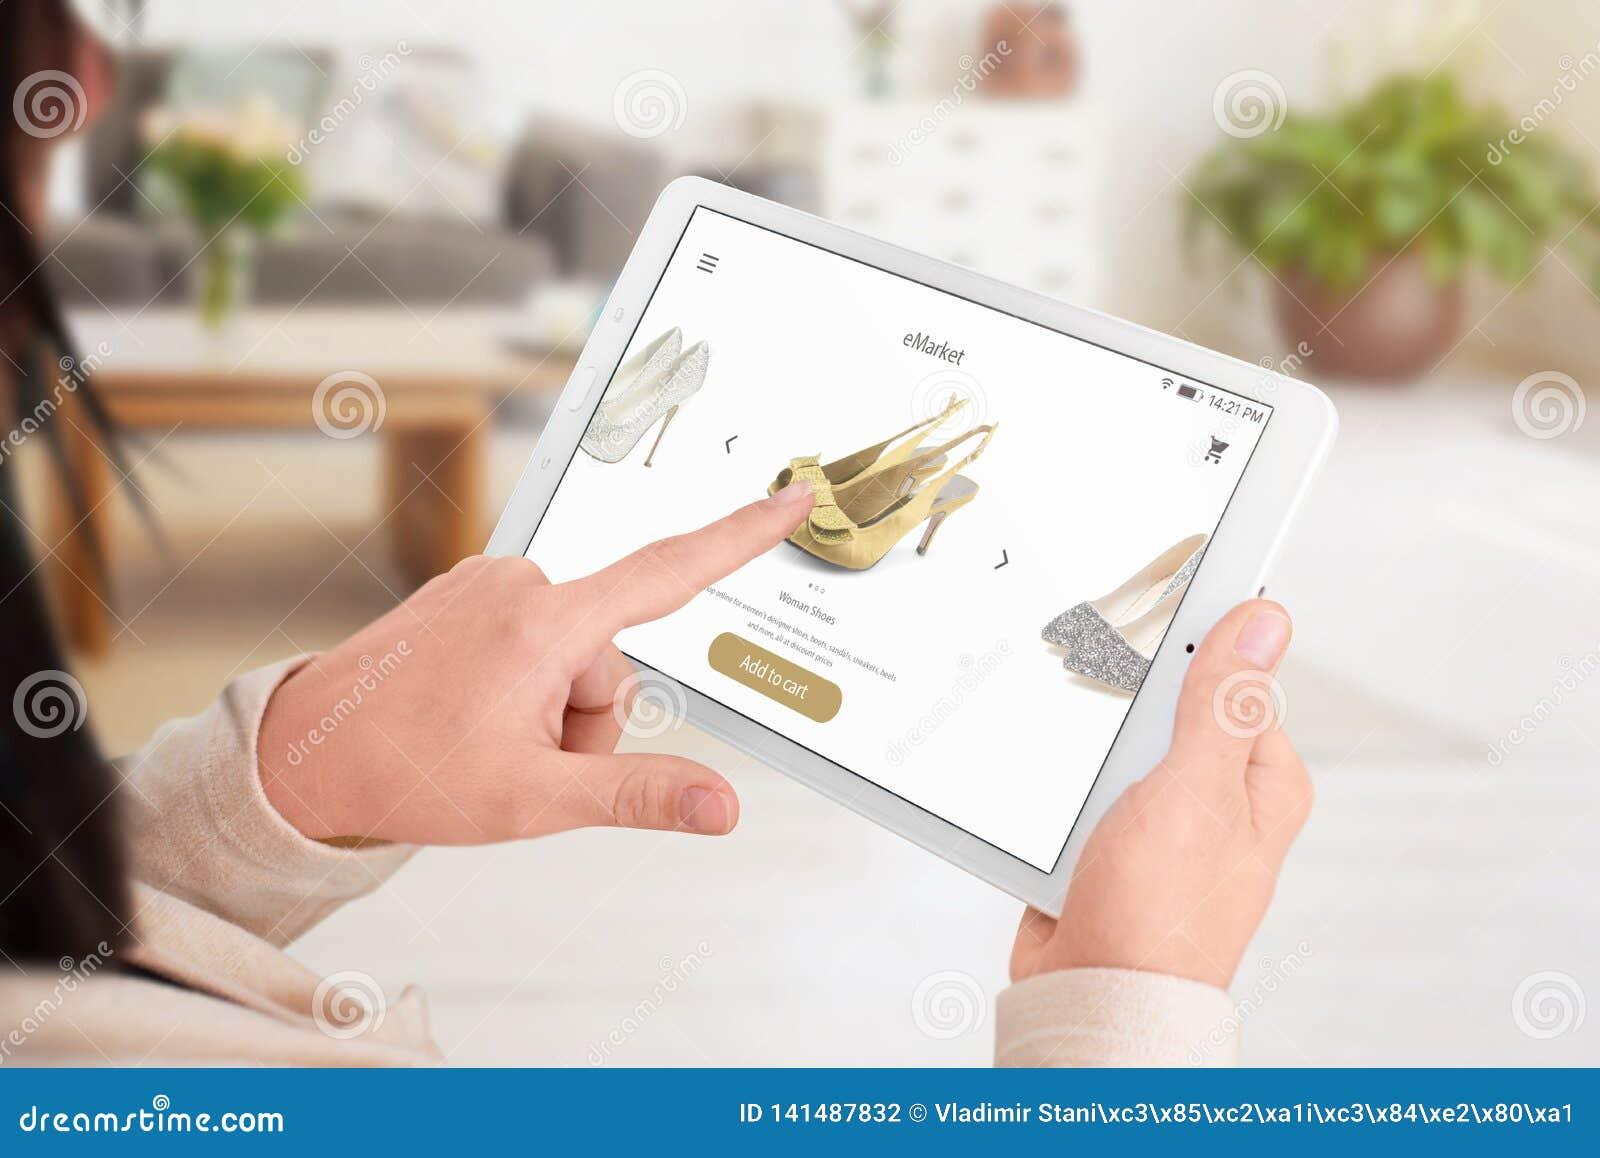 Девушка добавляет ботинки к корзине с онлайн приложением